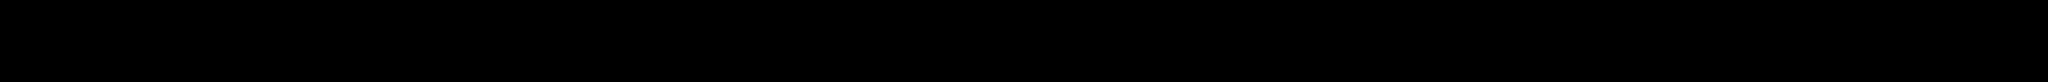 DENSO 4796779, 56006240, SPRC12PEC5, 16 062 637 80, 5960 C2 Gyújtógyertya